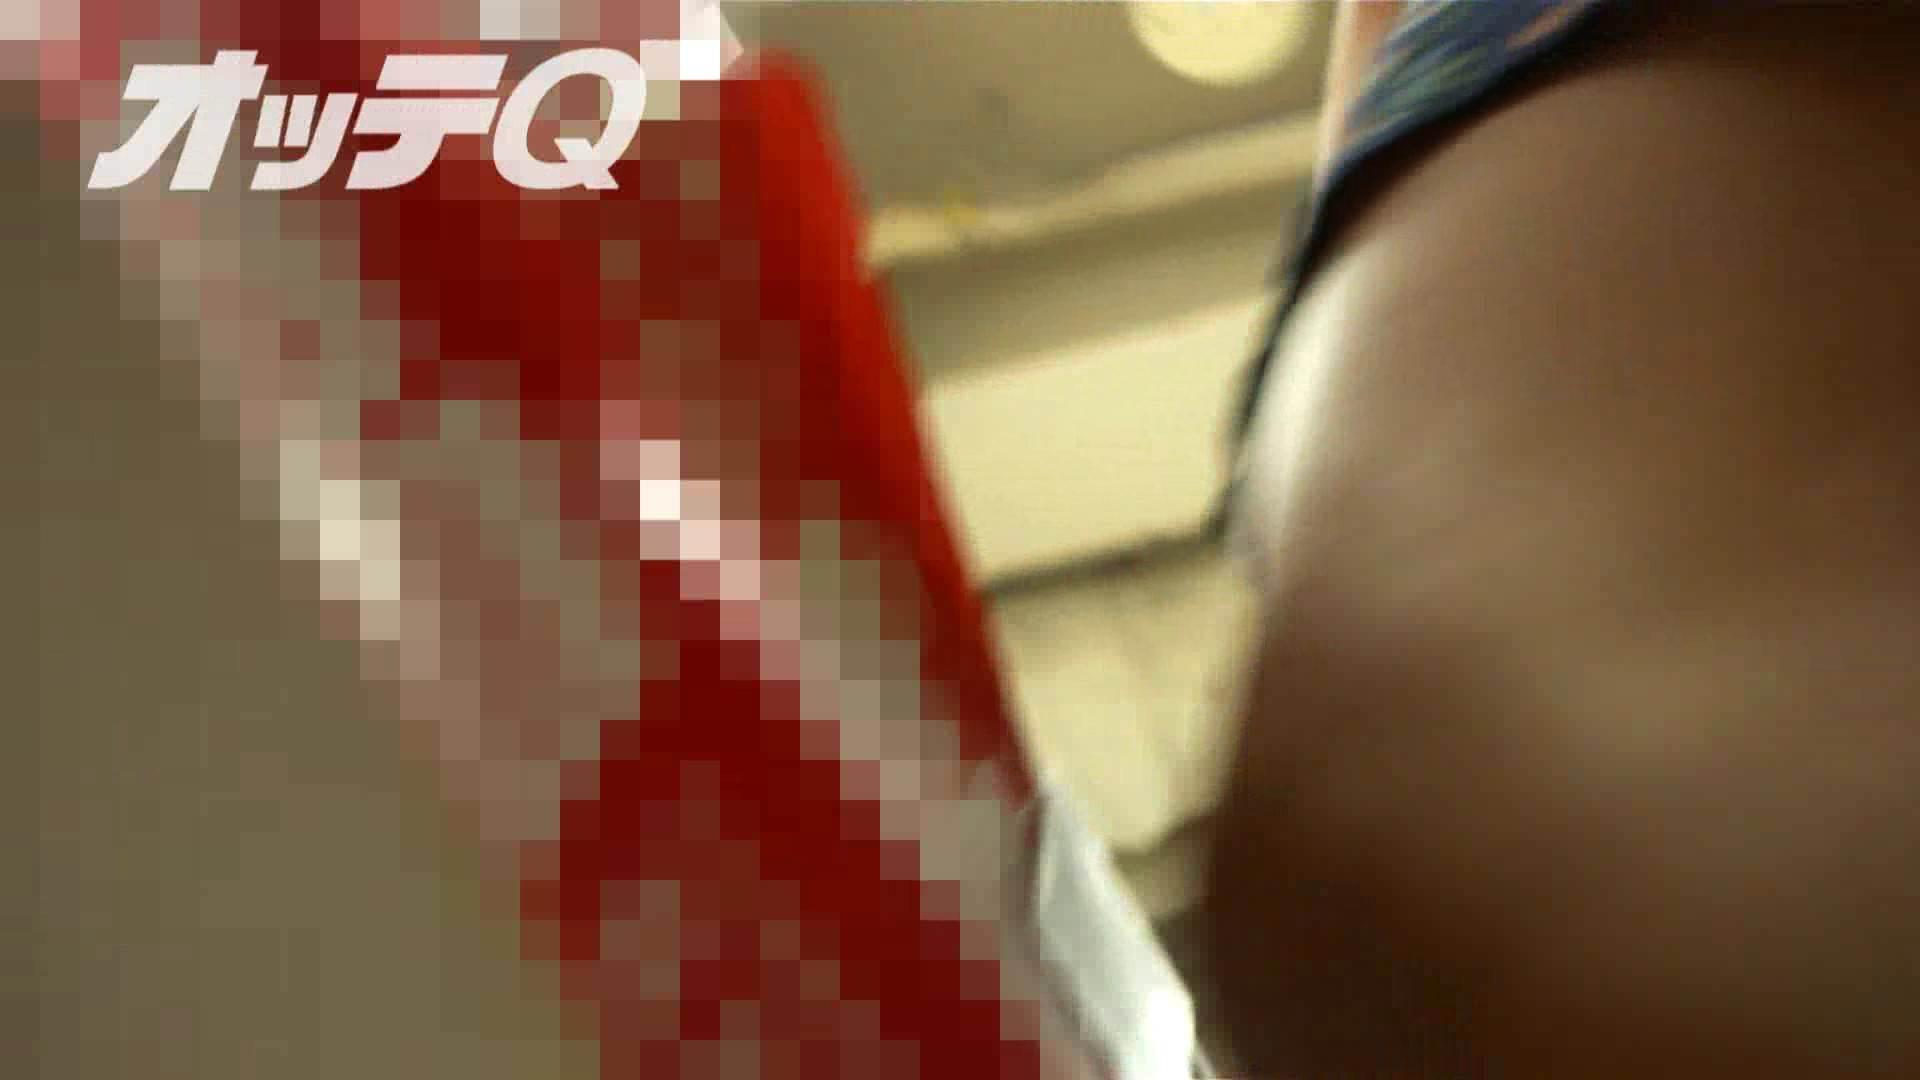 ハイビジョンパンチラ オッテQさんの追跡パンチラデパート編VOL.06 OL裸体 | チラ系  64画像 51